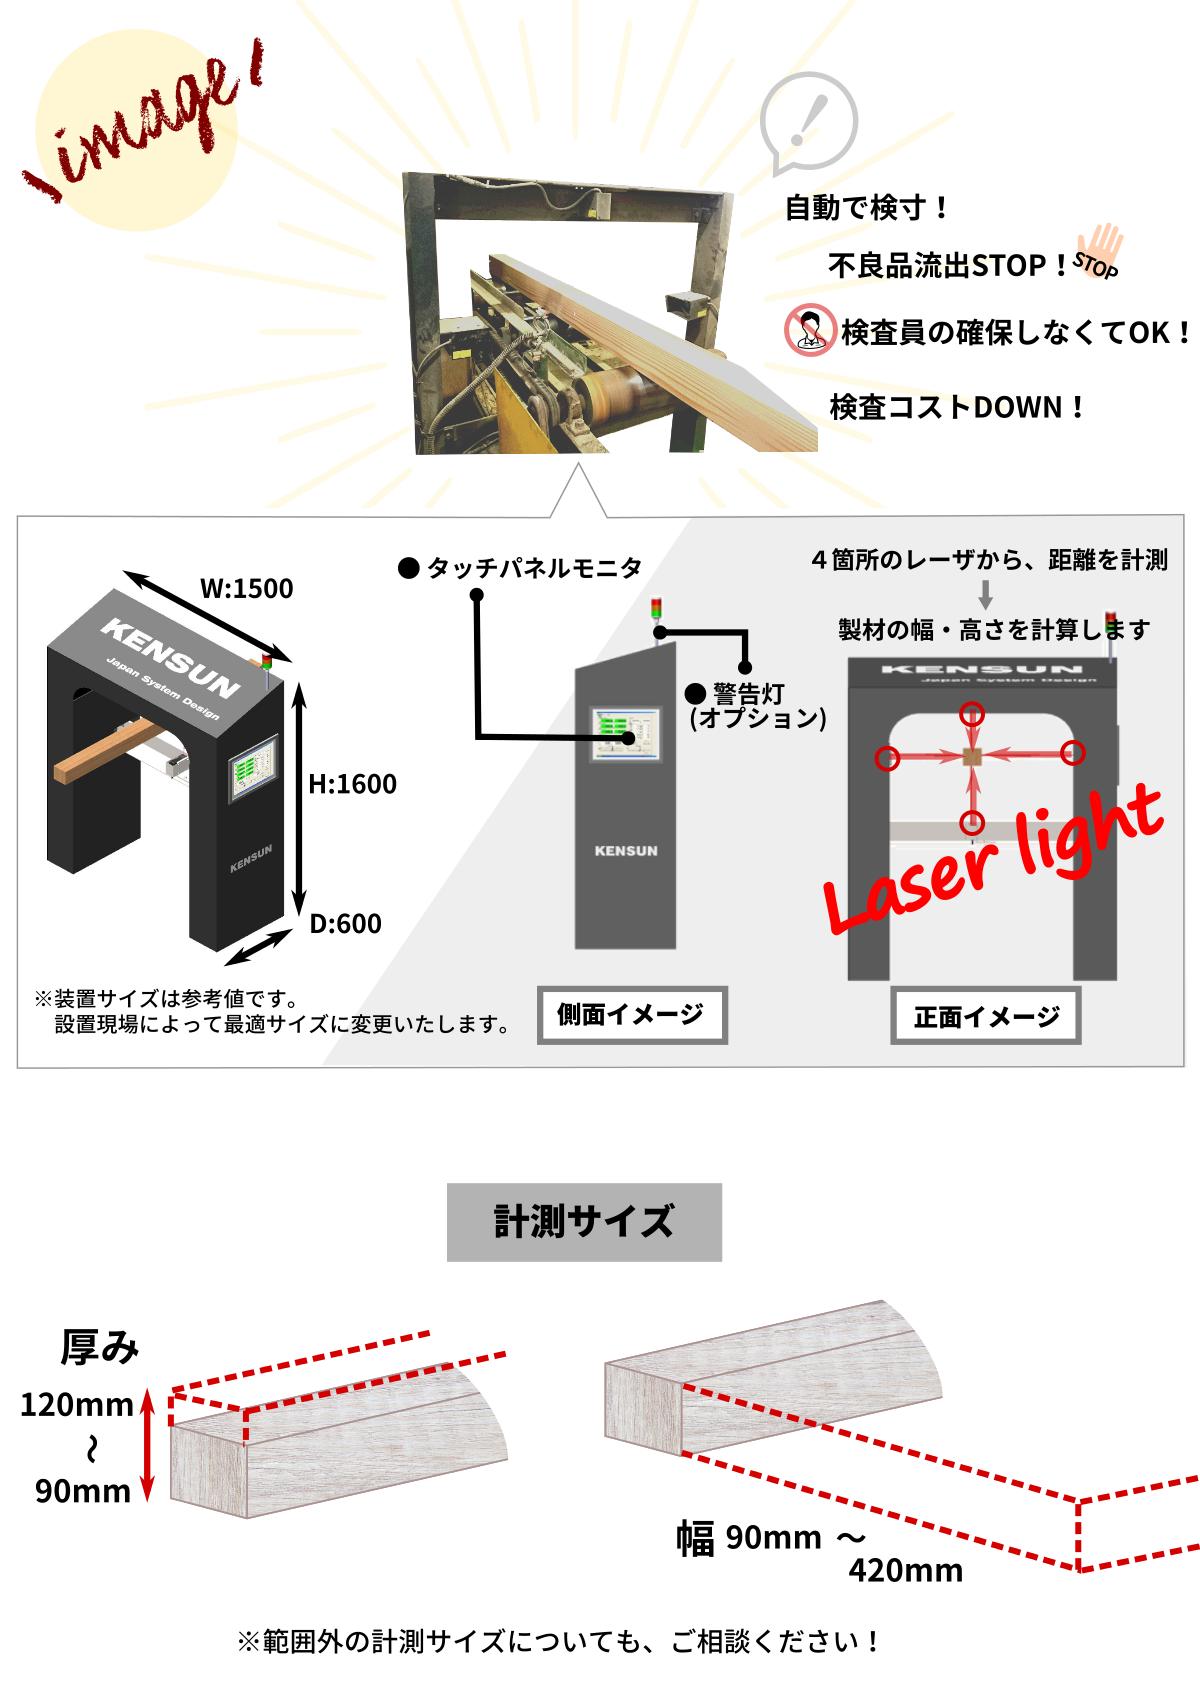 【WooDiL(ウッディル)製品イメージ図】自動で検寸。不良品ストップ。検査員の確保しなくてOK。検査コストDown。